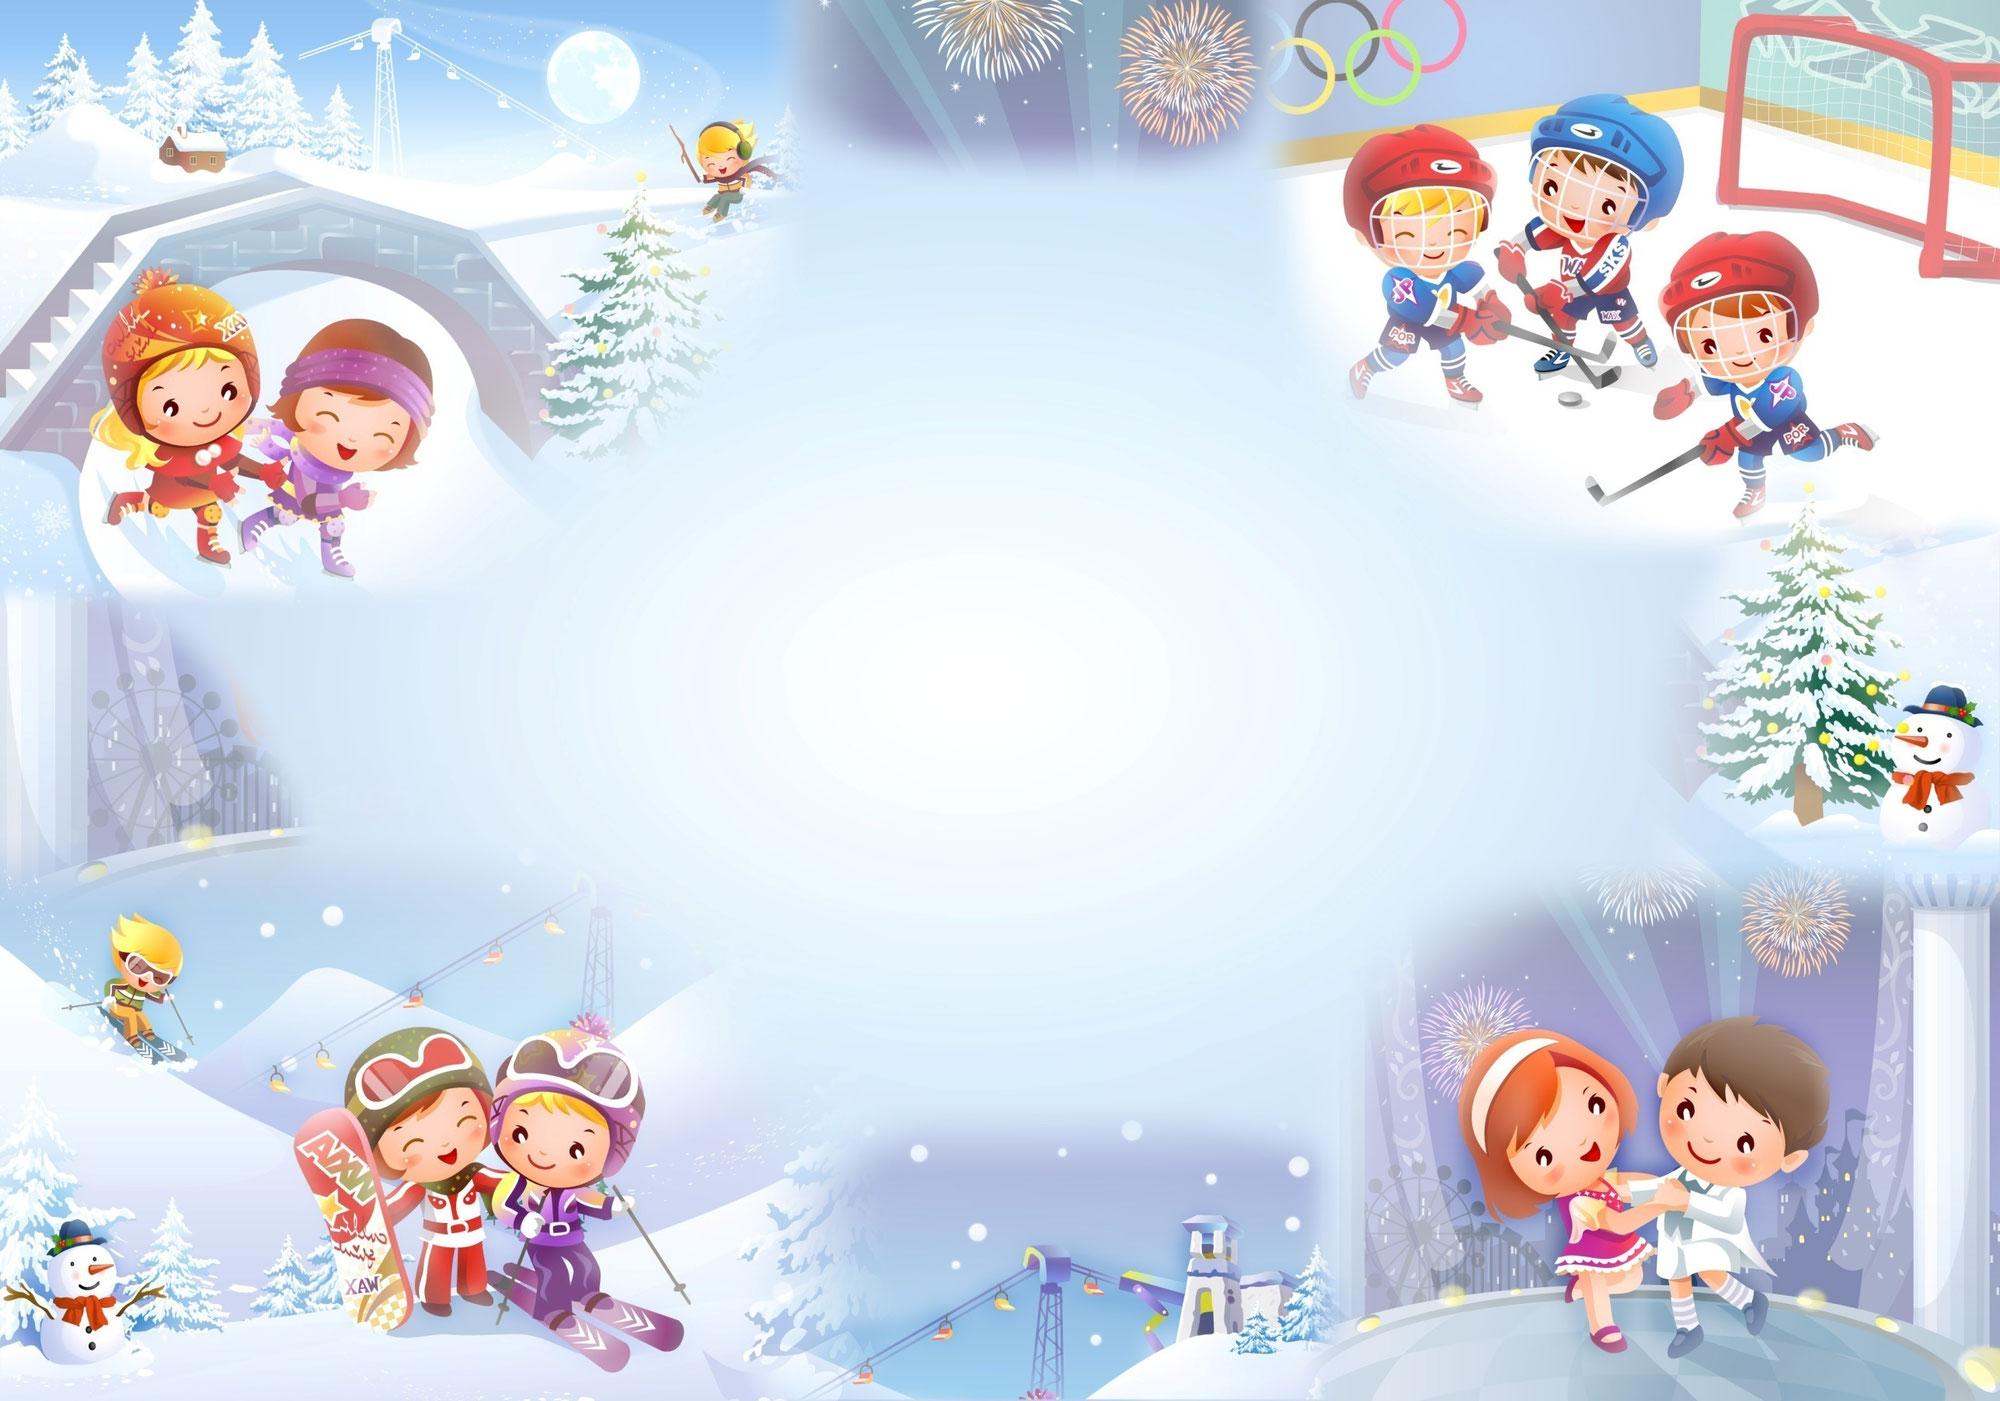 Злыднин новый год сценарий для детей